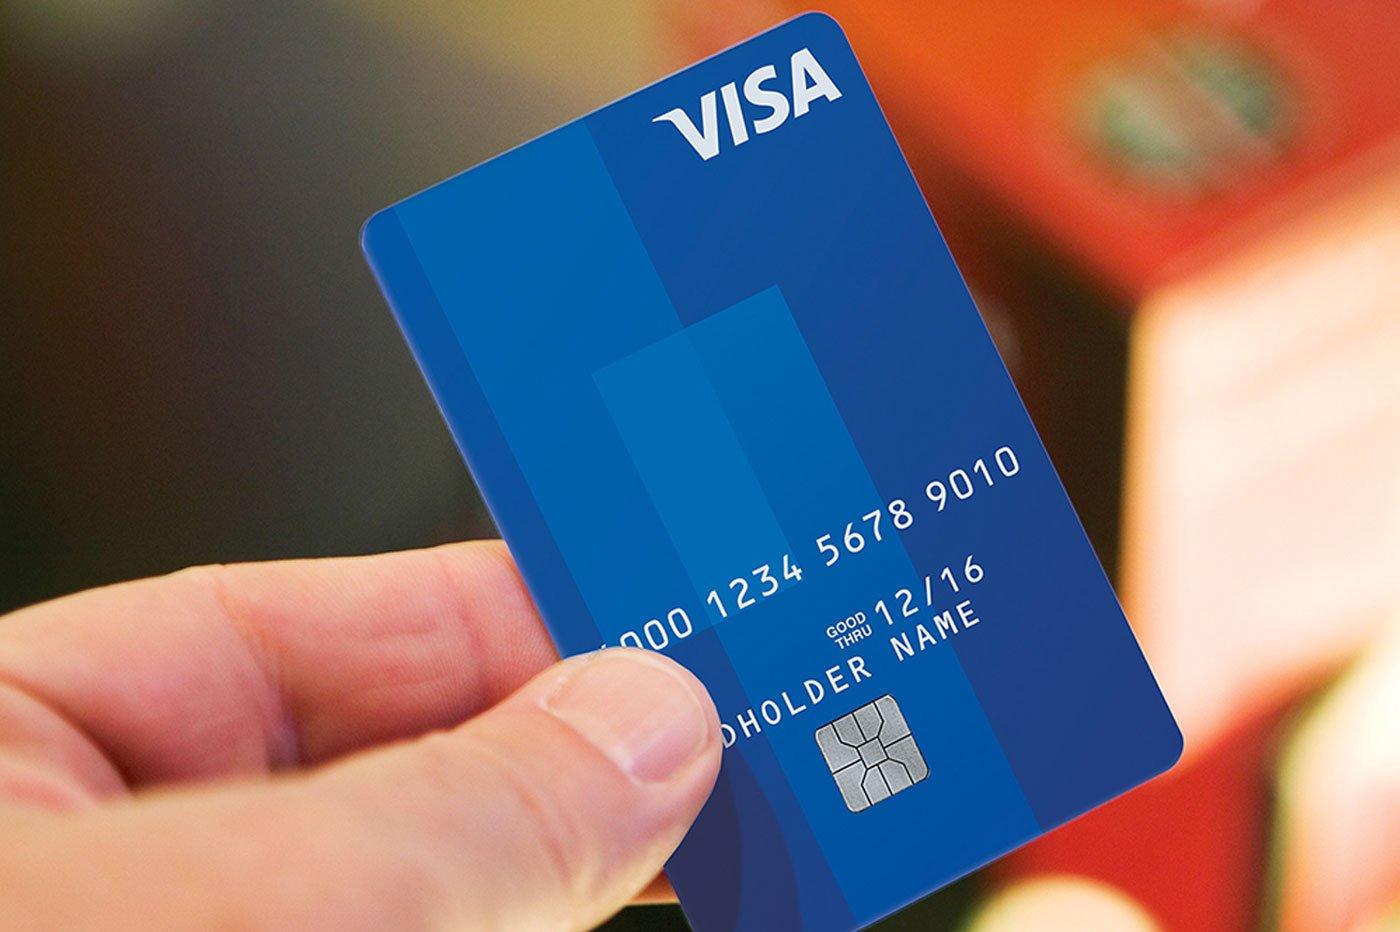 Carte bancaire muette